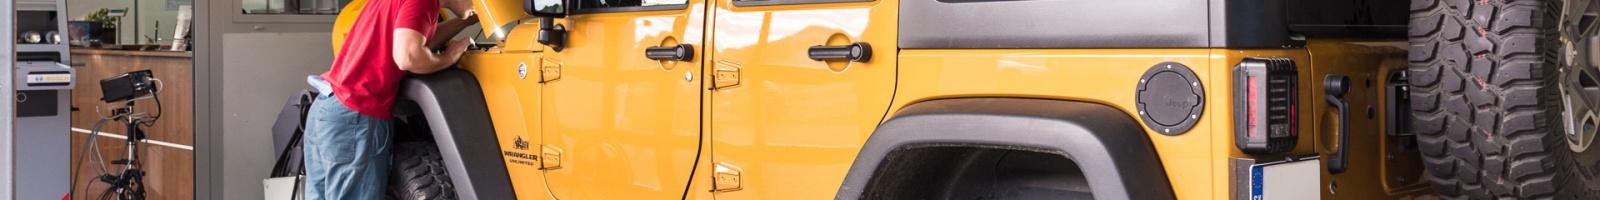 Prestavba Jeep Wrangler na LPG